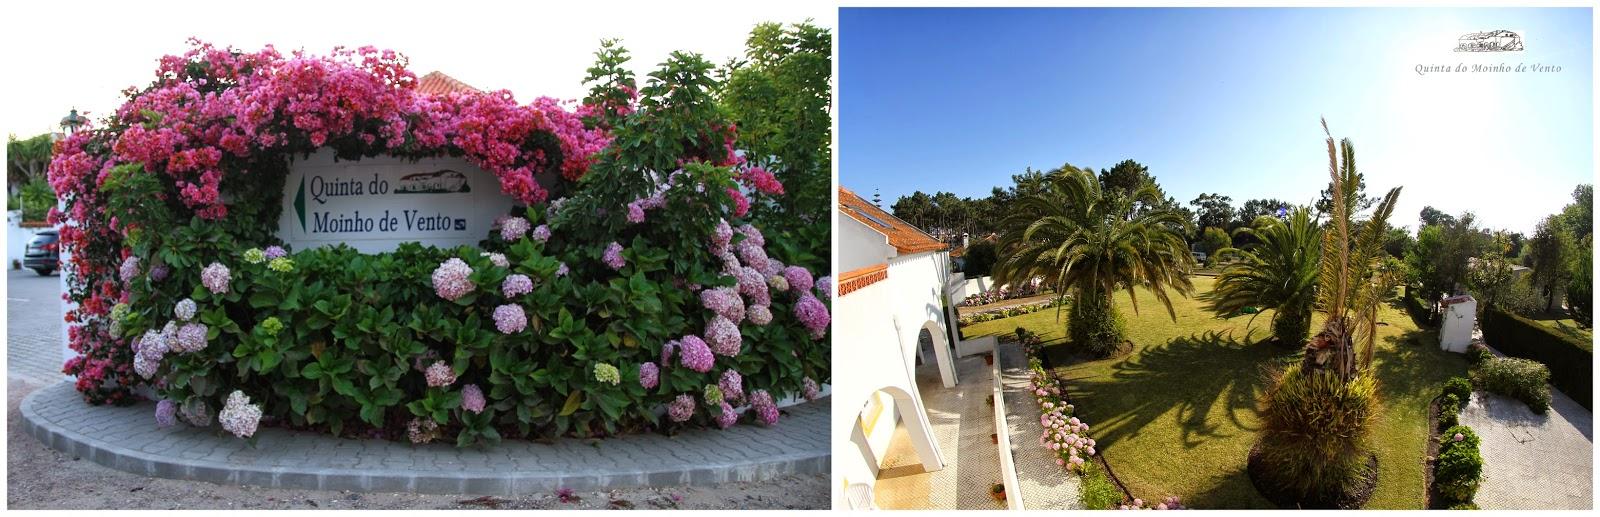 Dormir numa quinta no Alentejo | Portugal